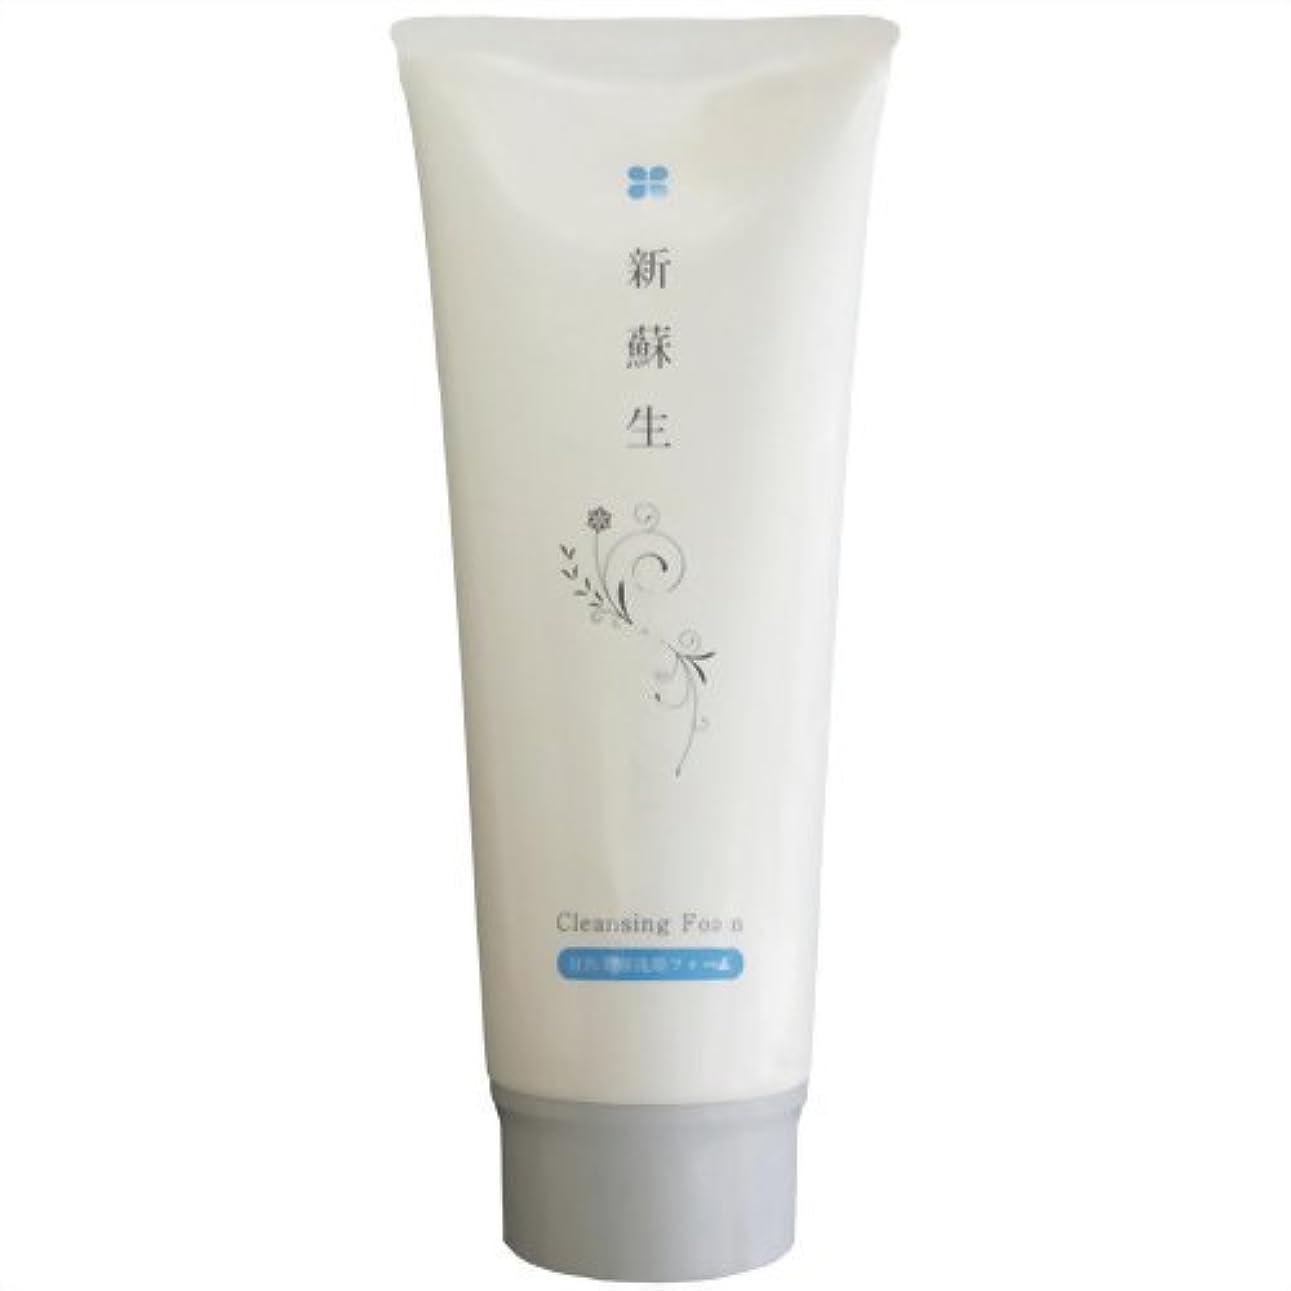 透明にシルク嫌い新蘇生 日医美容洗顔フォーム 120g